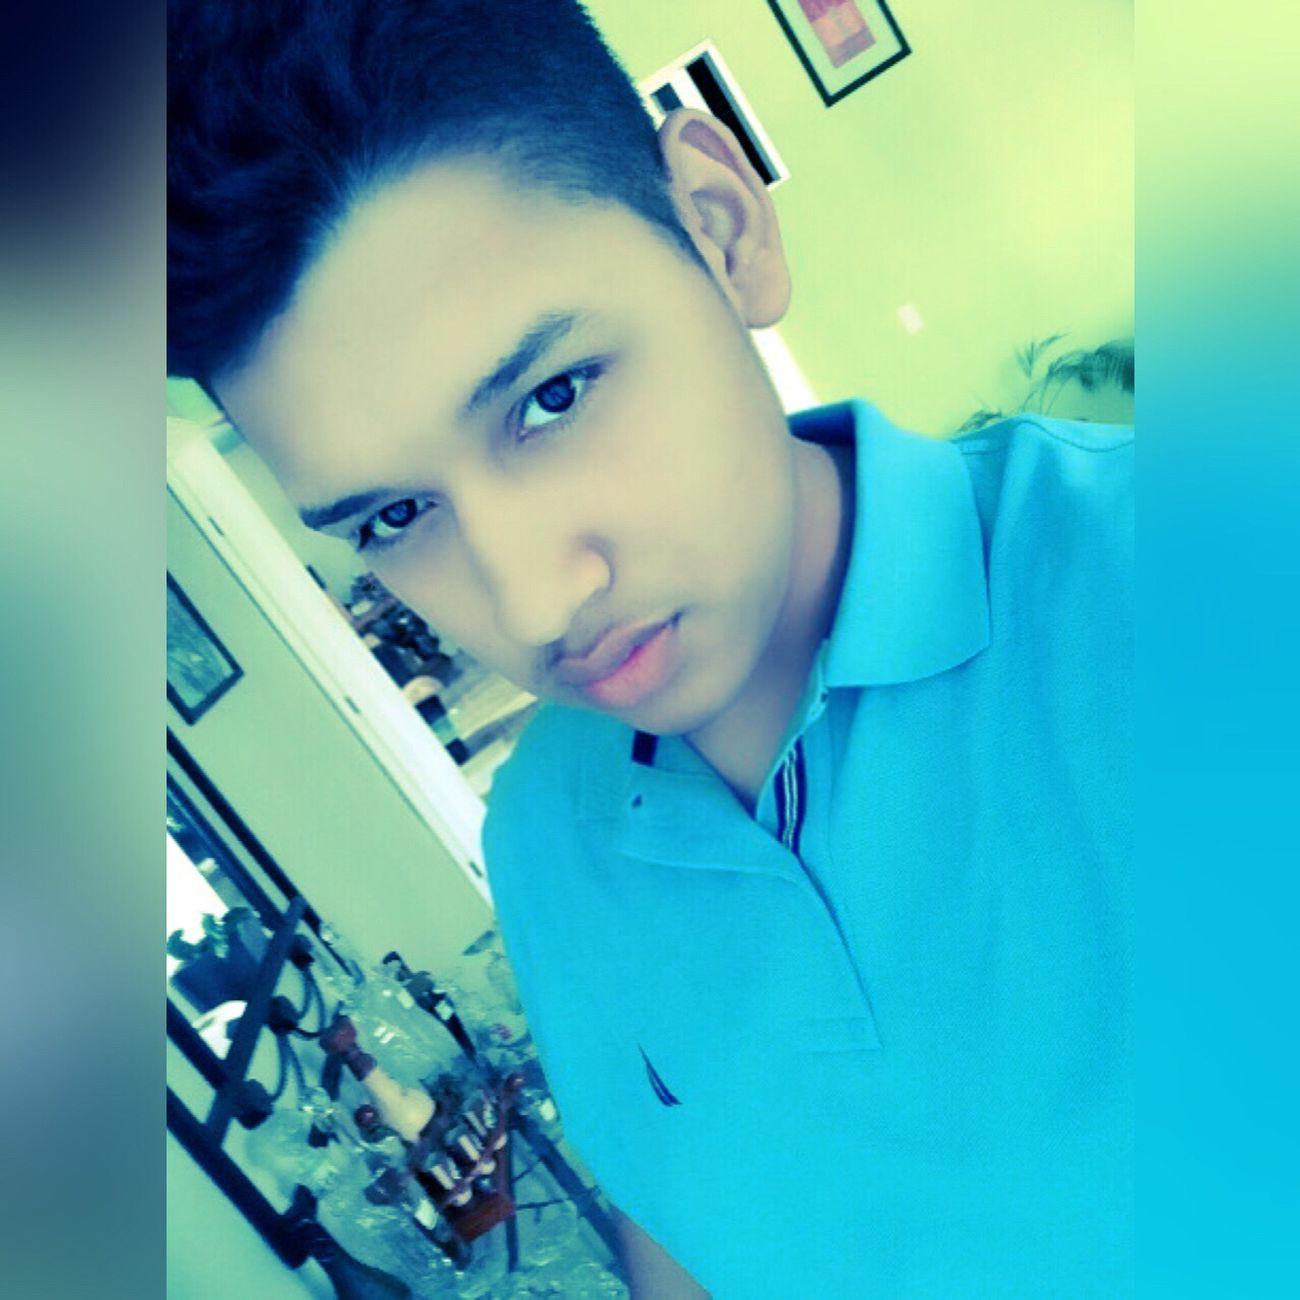 That's Me WilverGomez Followme Handsome Boy Handsome😍 Selfie ✌ Handsome Happy :) Today's Hot Look Iphone5s